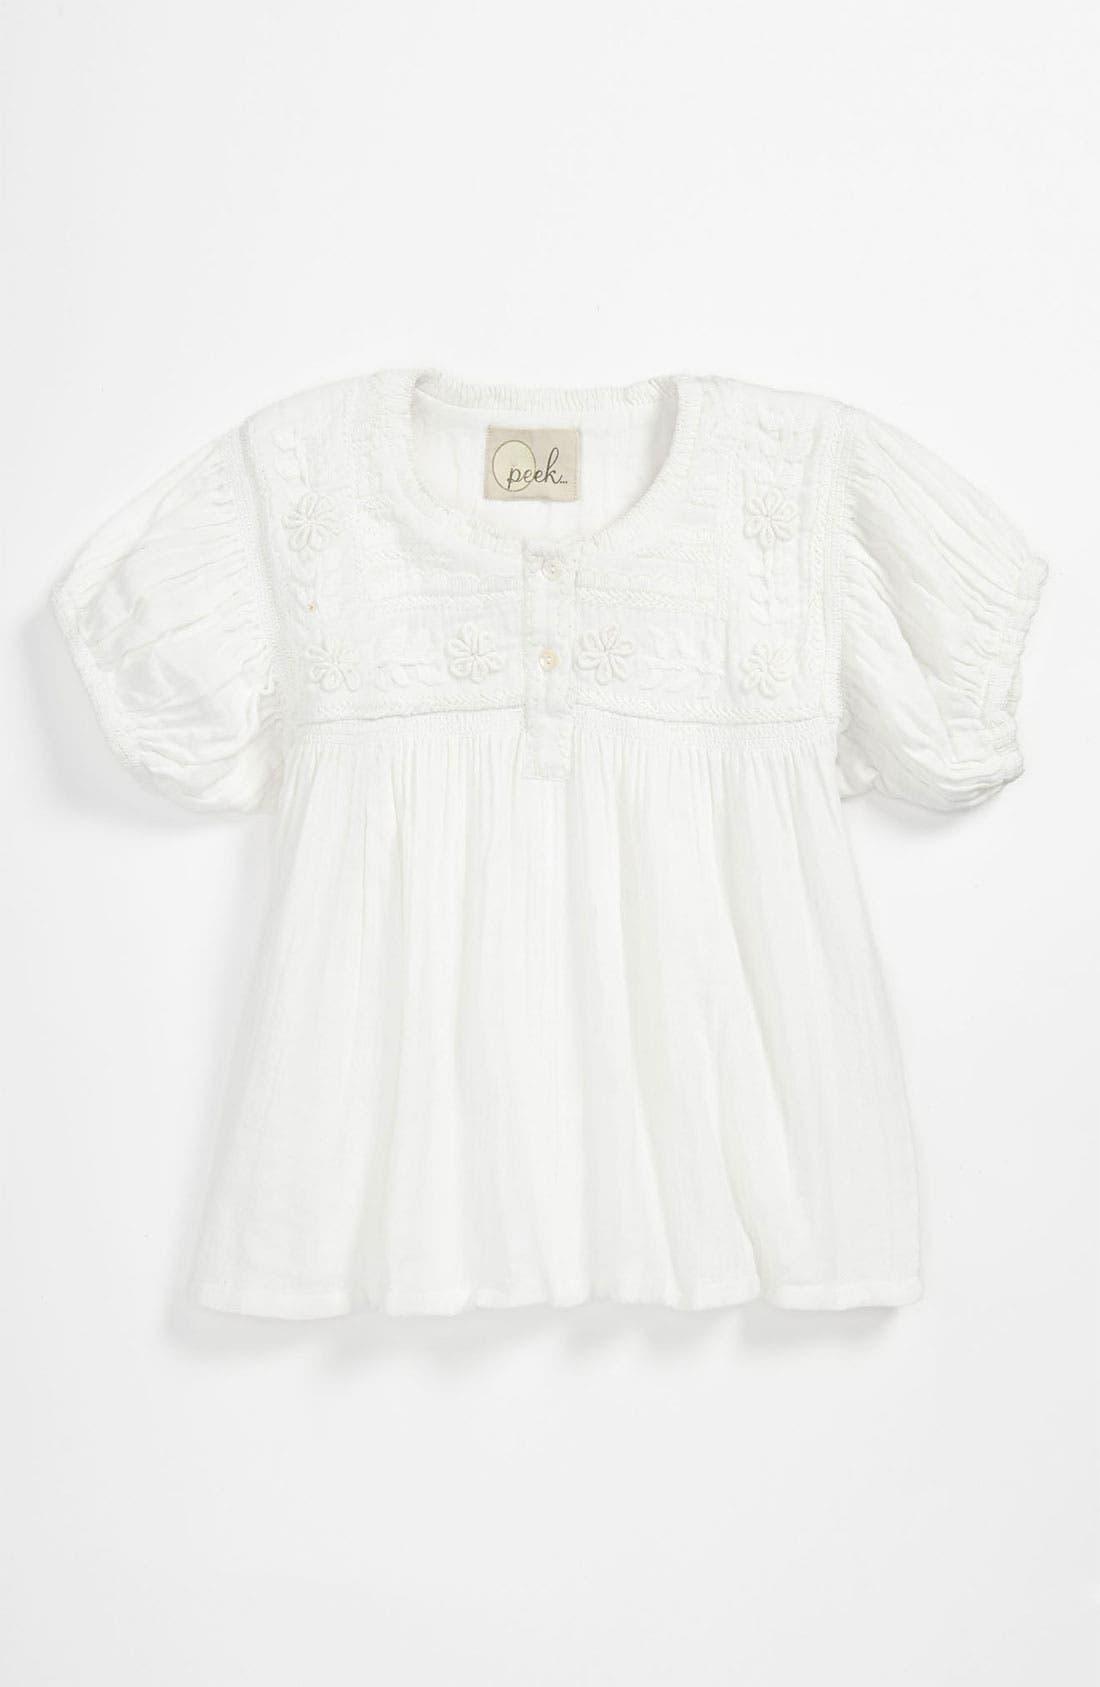 Alternate Image 1 Selected - Peek 'Yvette' Top (Toddler, Little Girls & Big Girls)